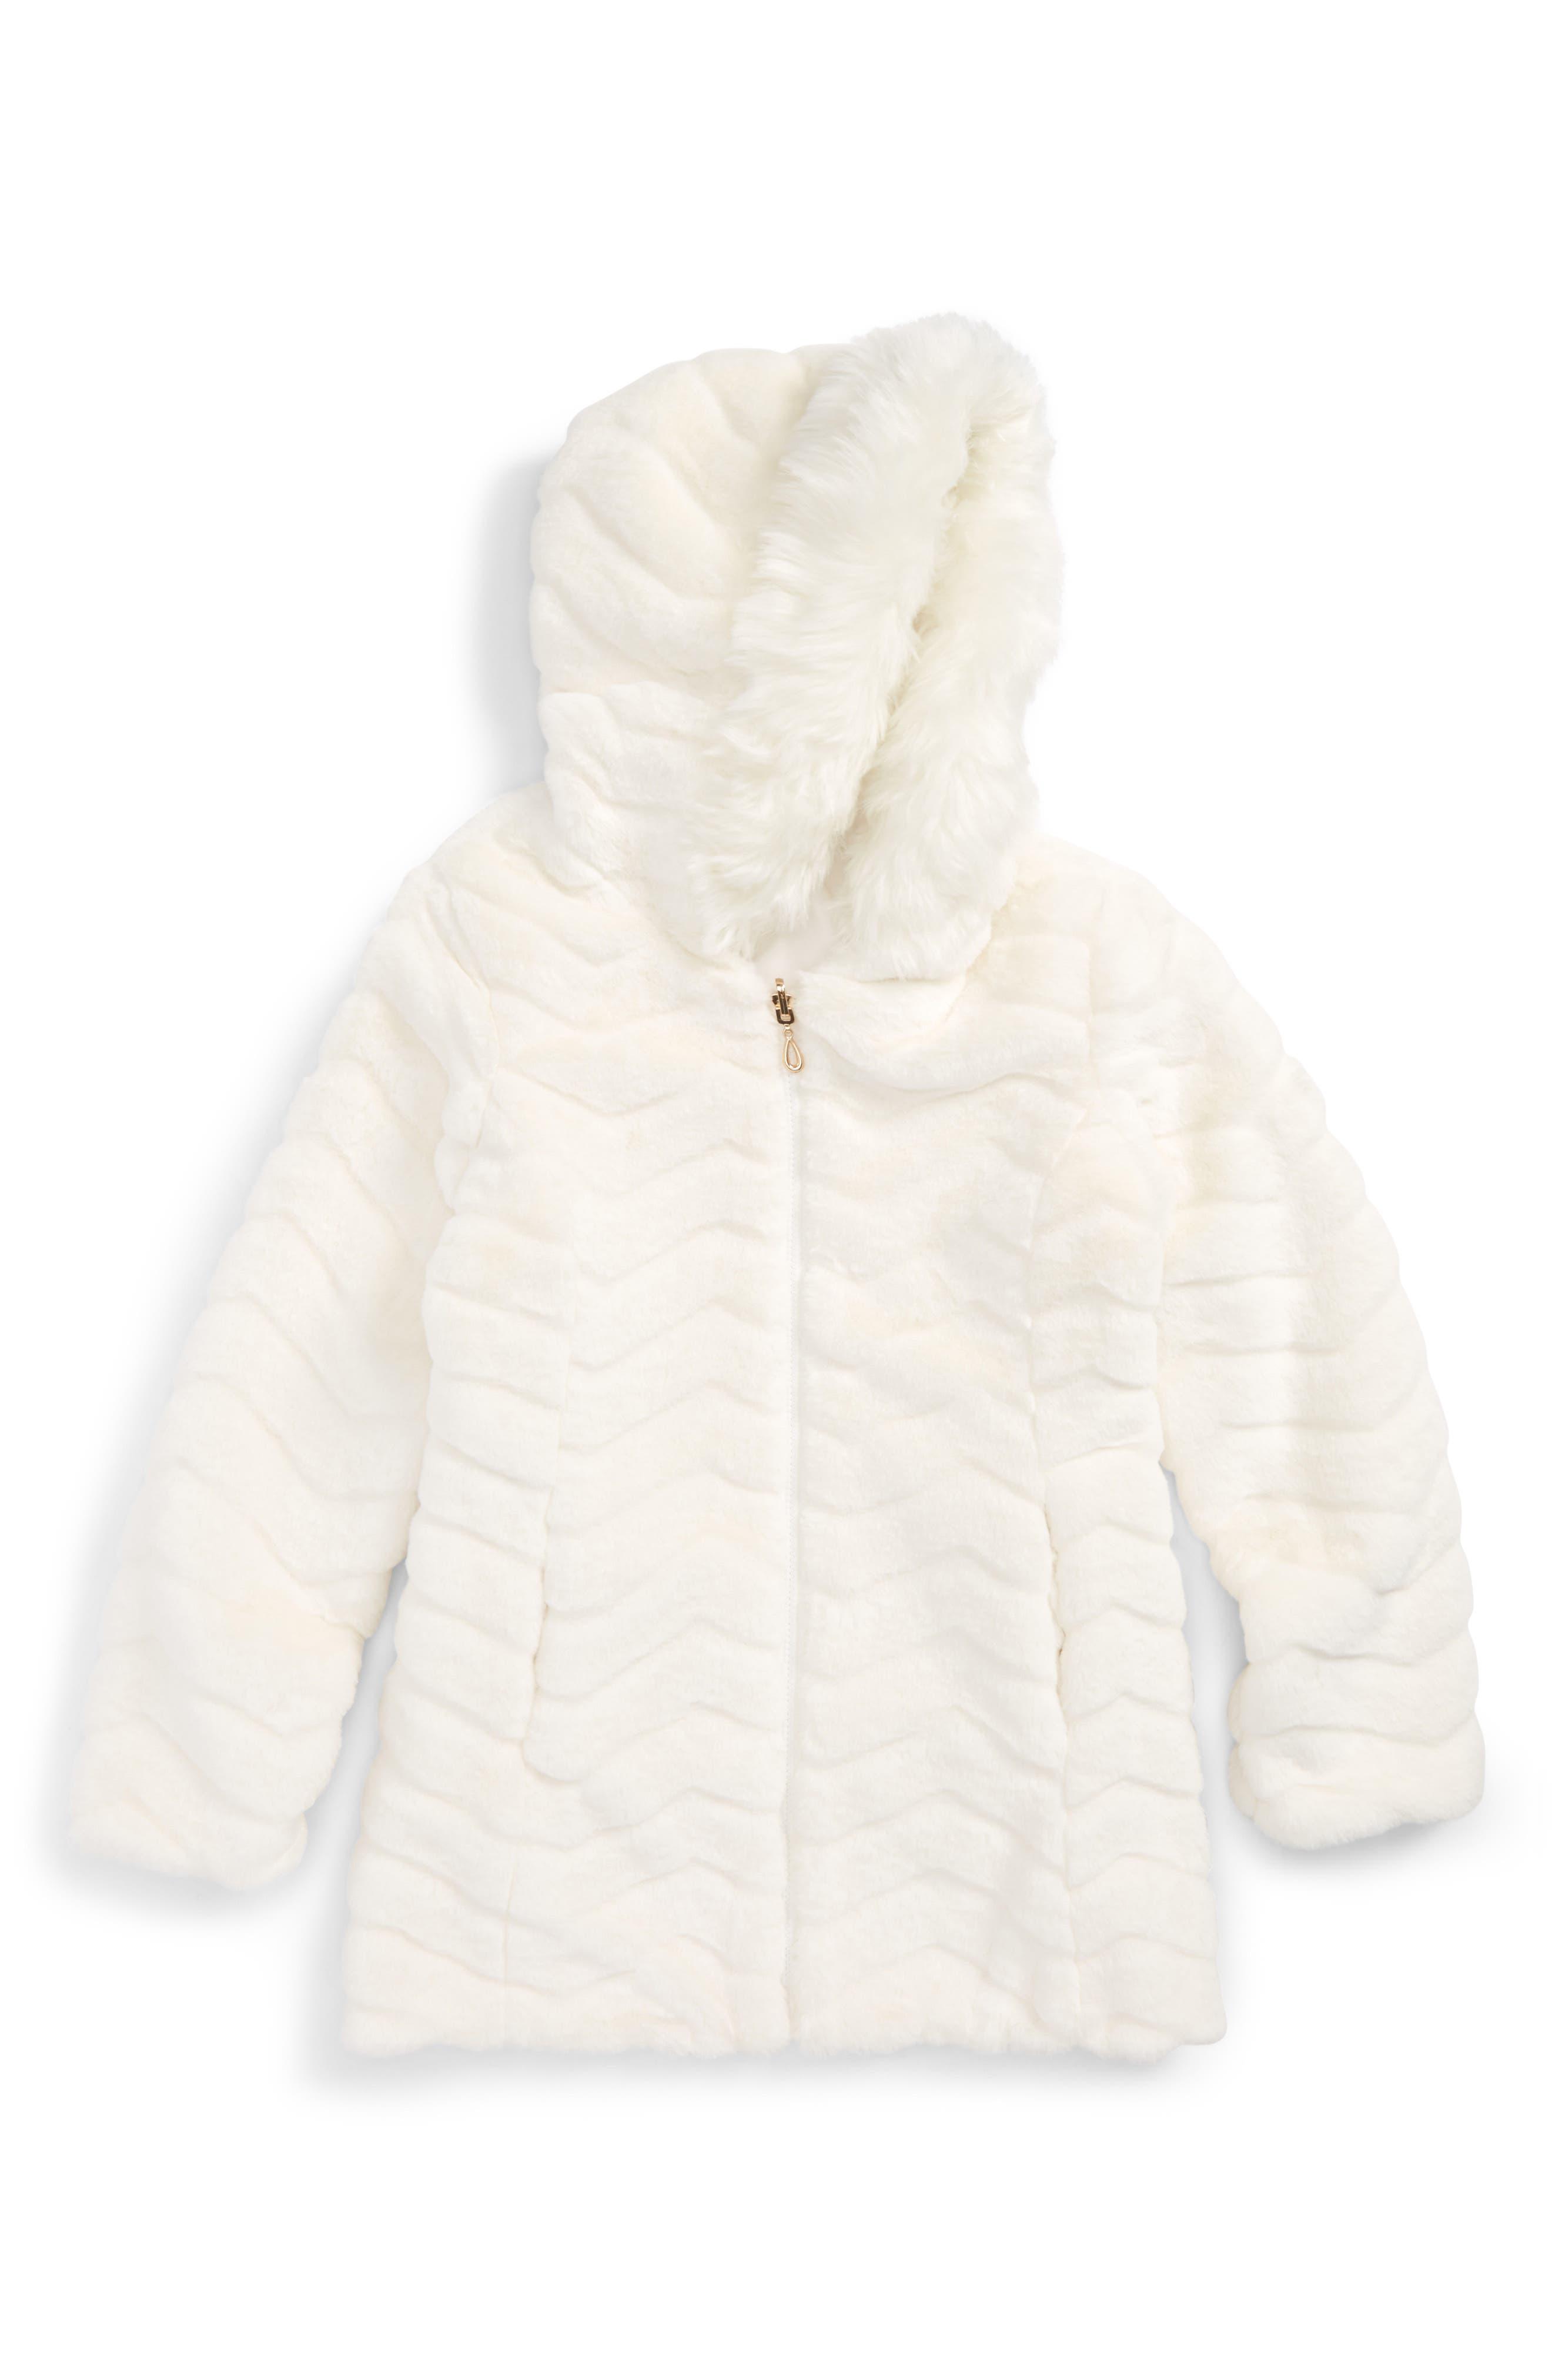 Alternate Image 1 Selected - Gallery Reversible Faux Fur Hooded Jacket (Big Girls)